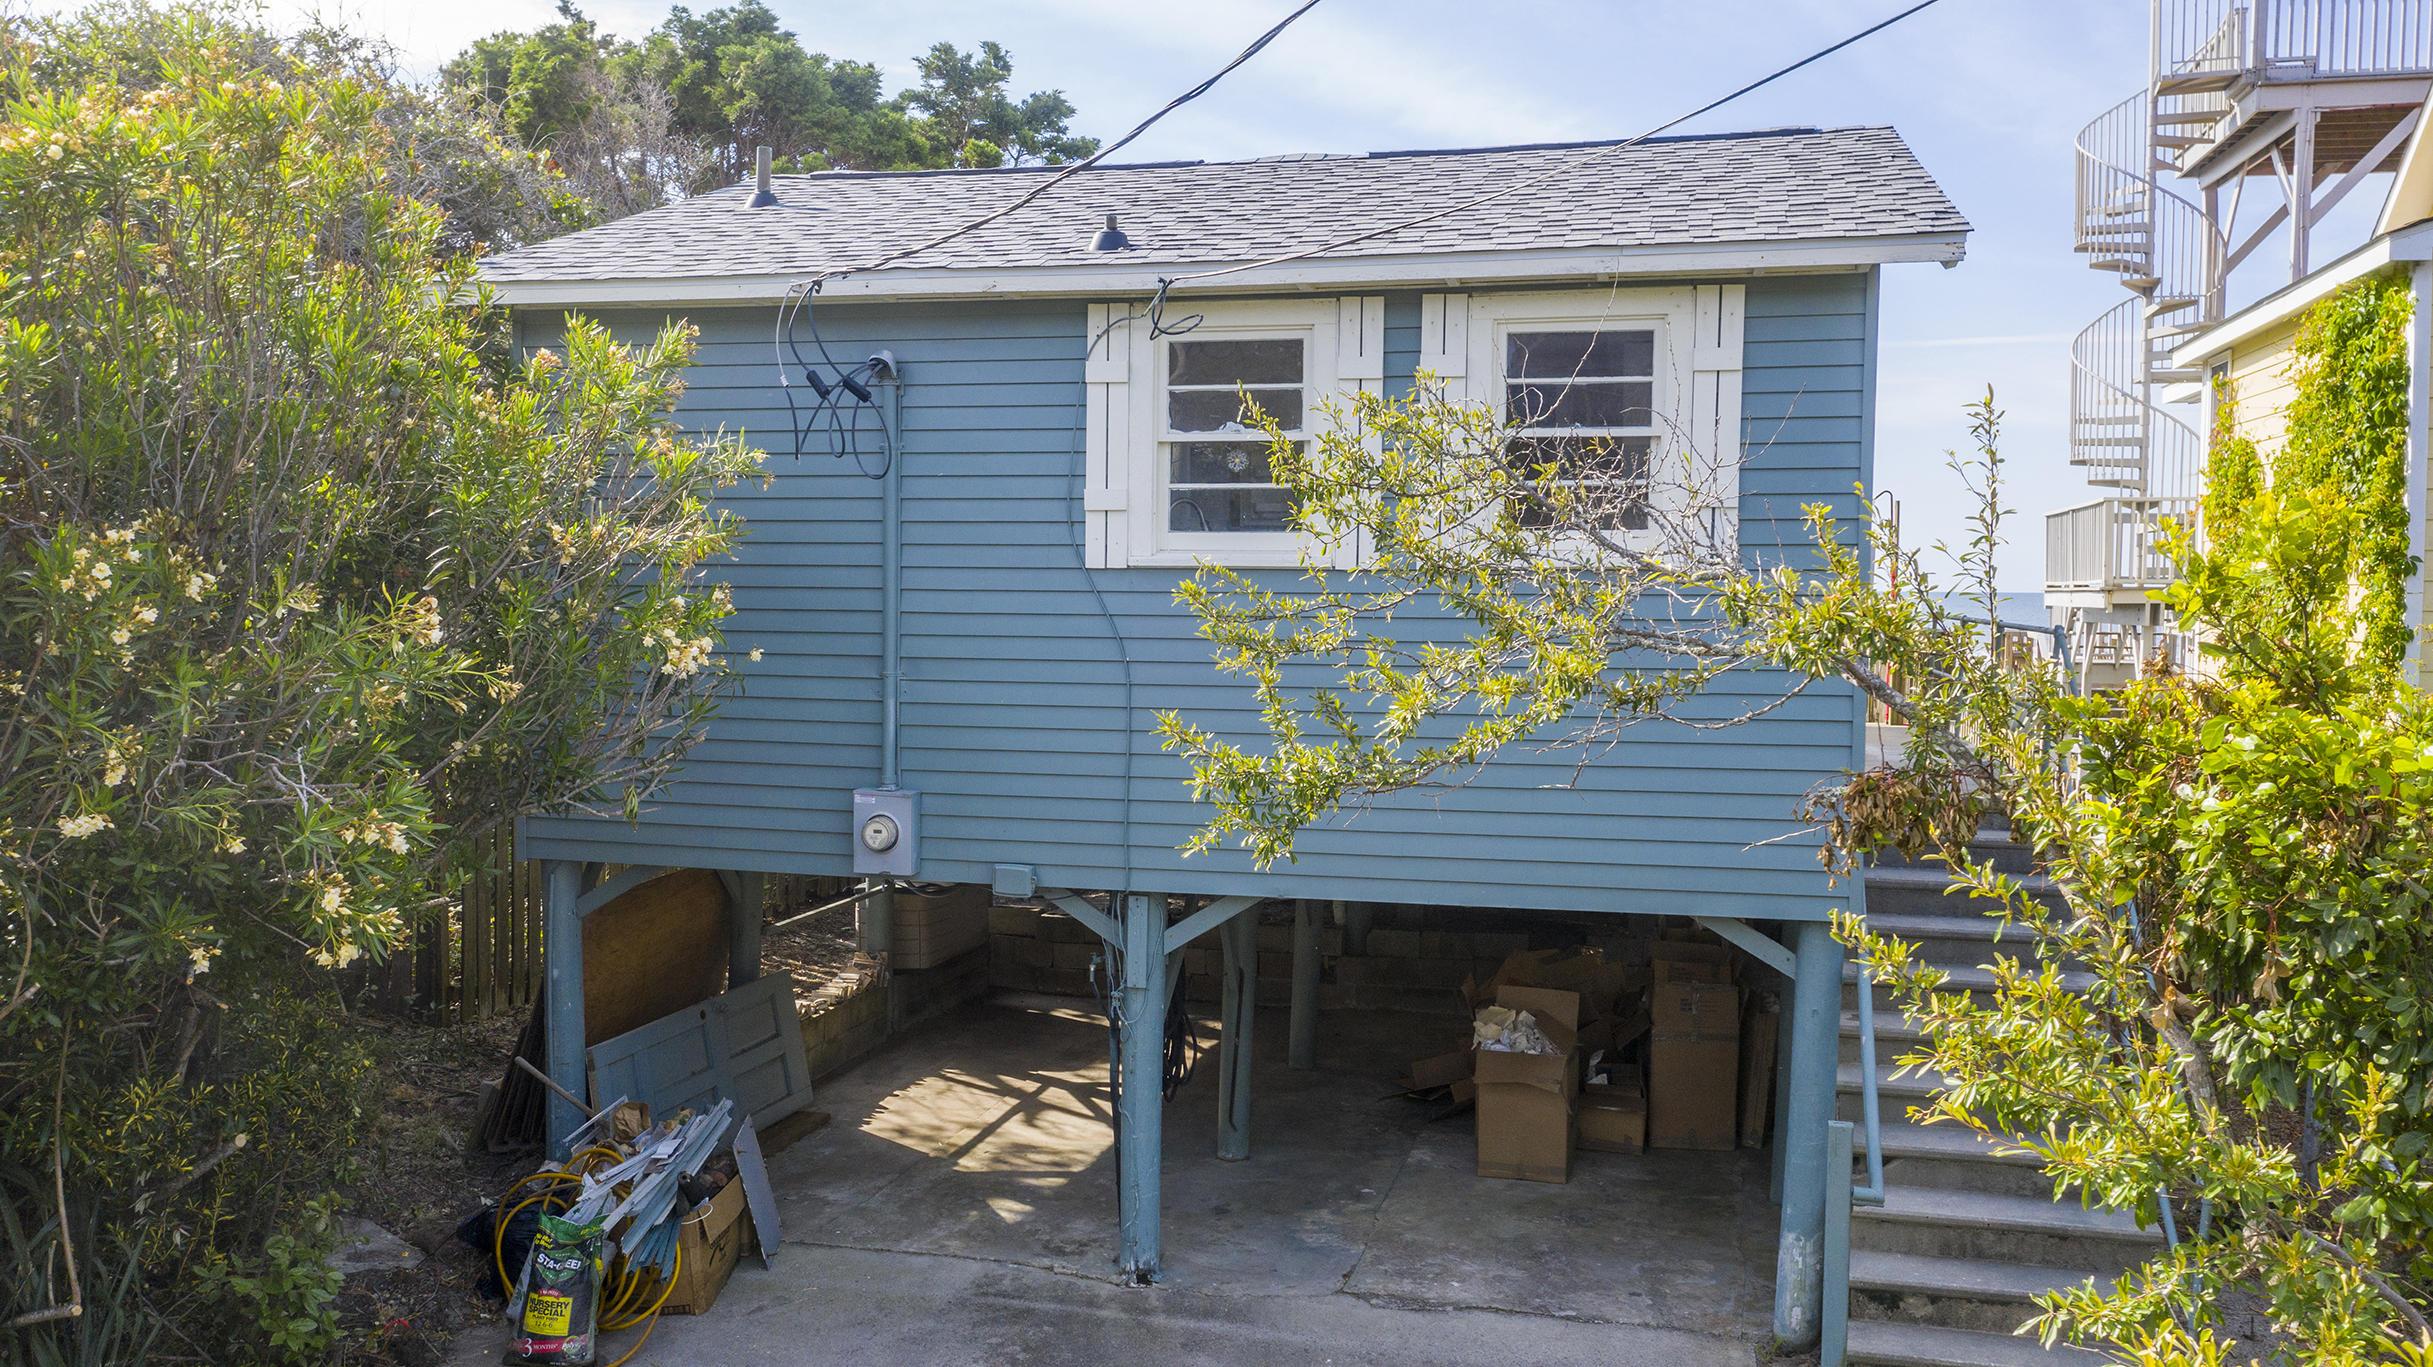 Folly Beach Homes For Sale - 1115 Arctic, Folly Beach, SC - 32